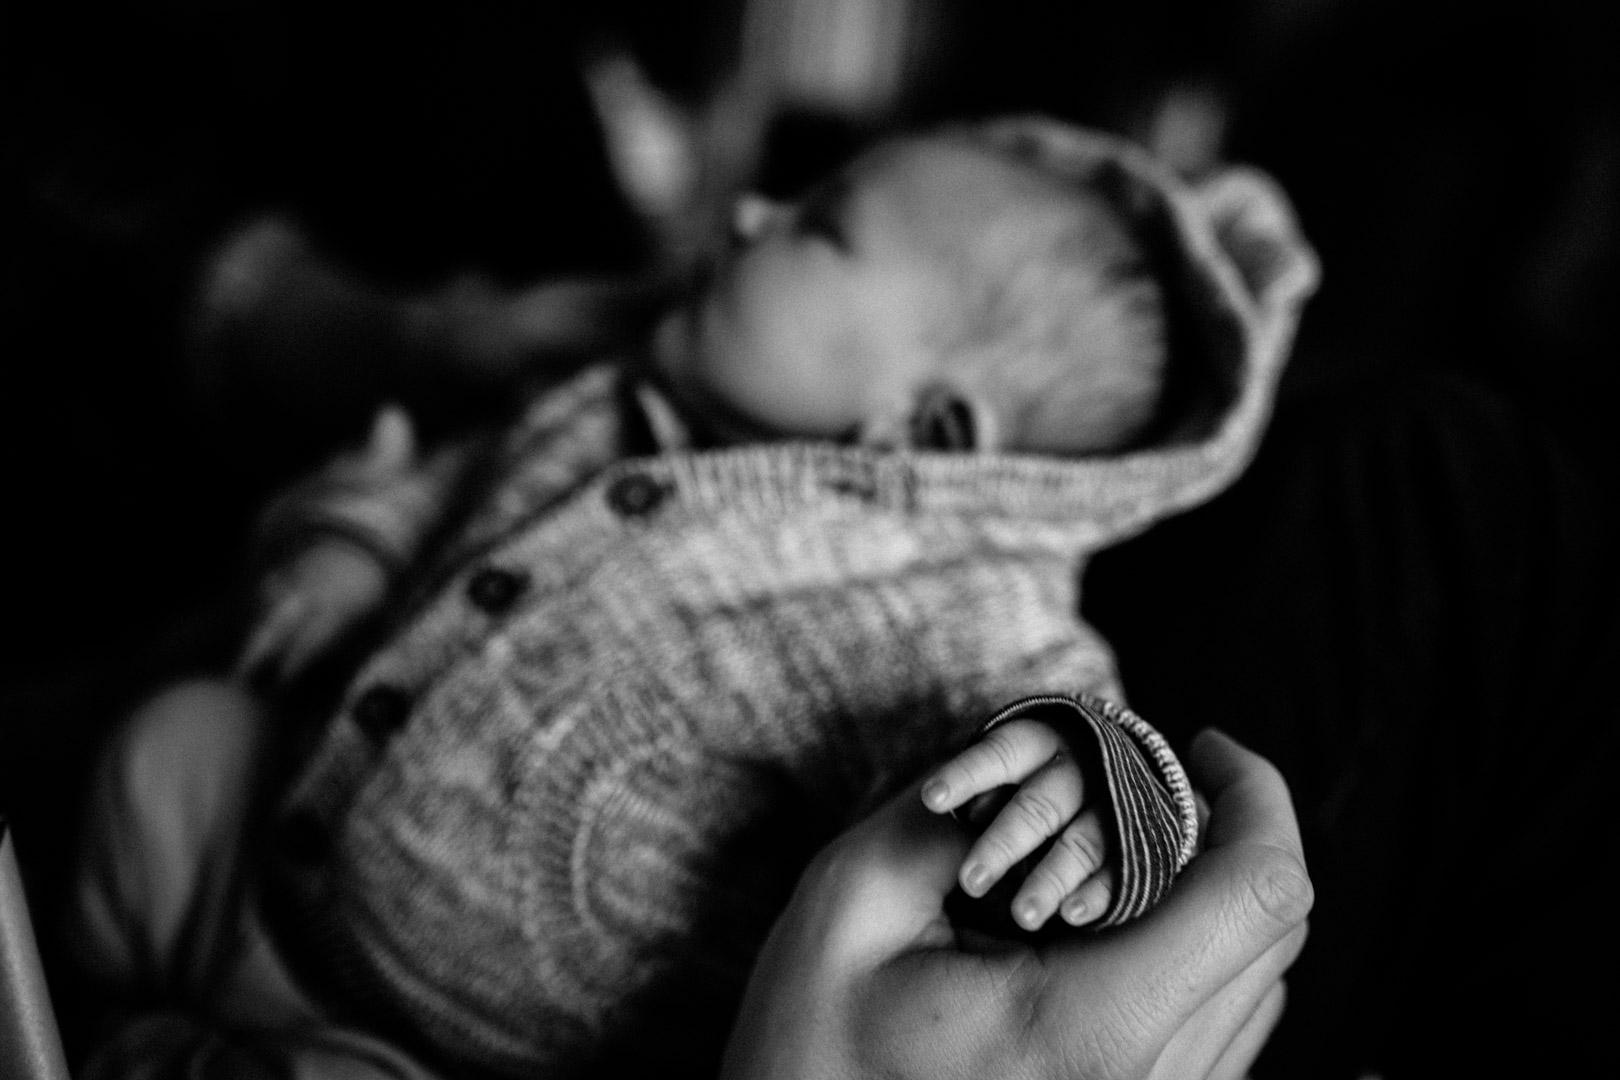 Neugeborenenfotos Berlin Familienreportage Berlin-Wedding: Hand eines Neugeborenen